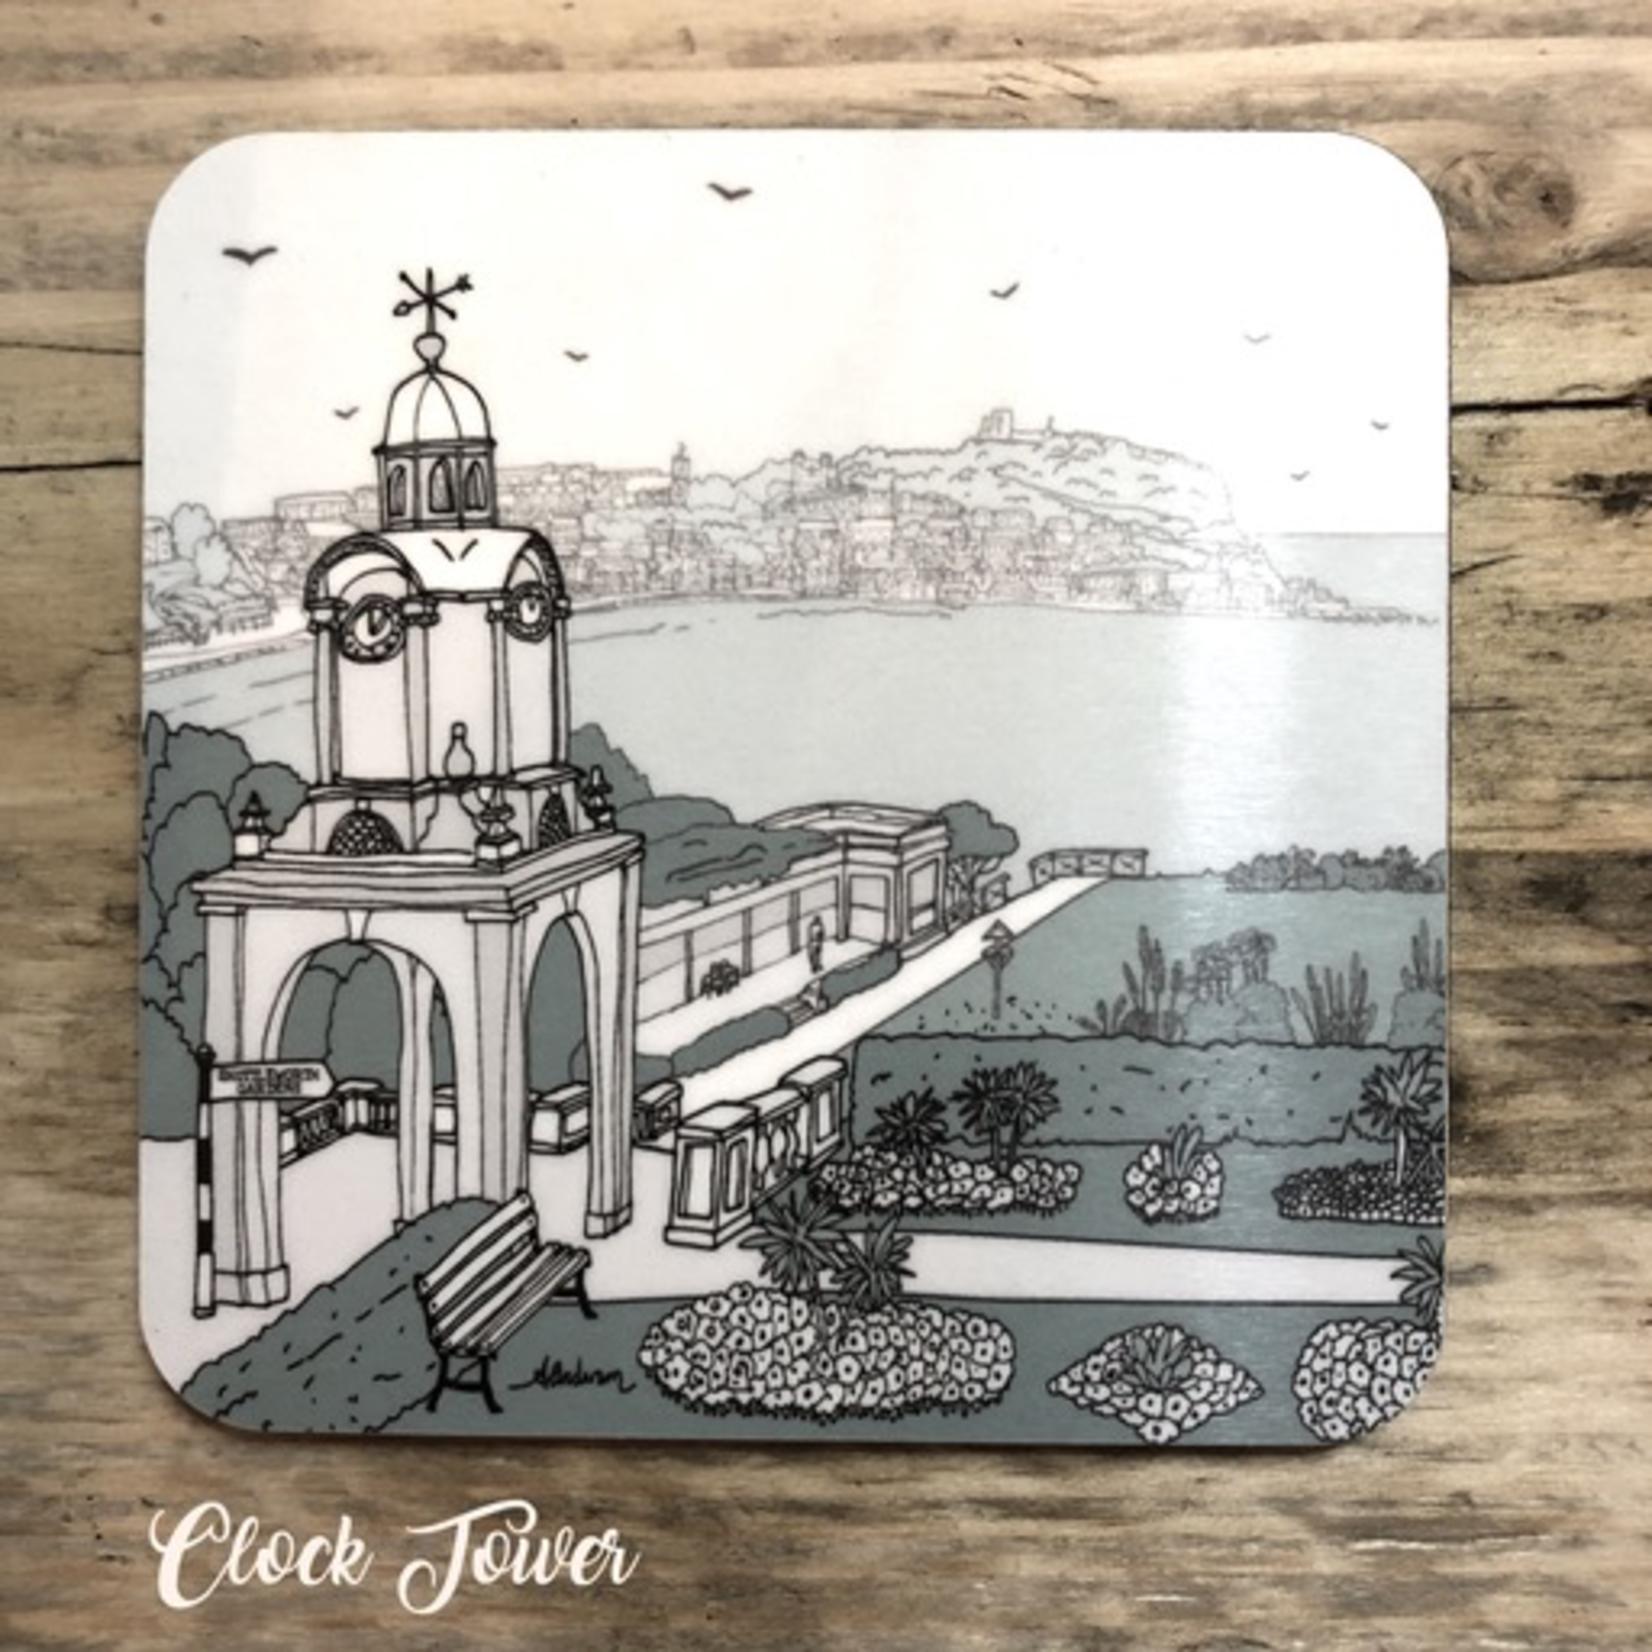 Homebird Coaster Clock Tower -  Alex Anderson Scarborough Single Tableware